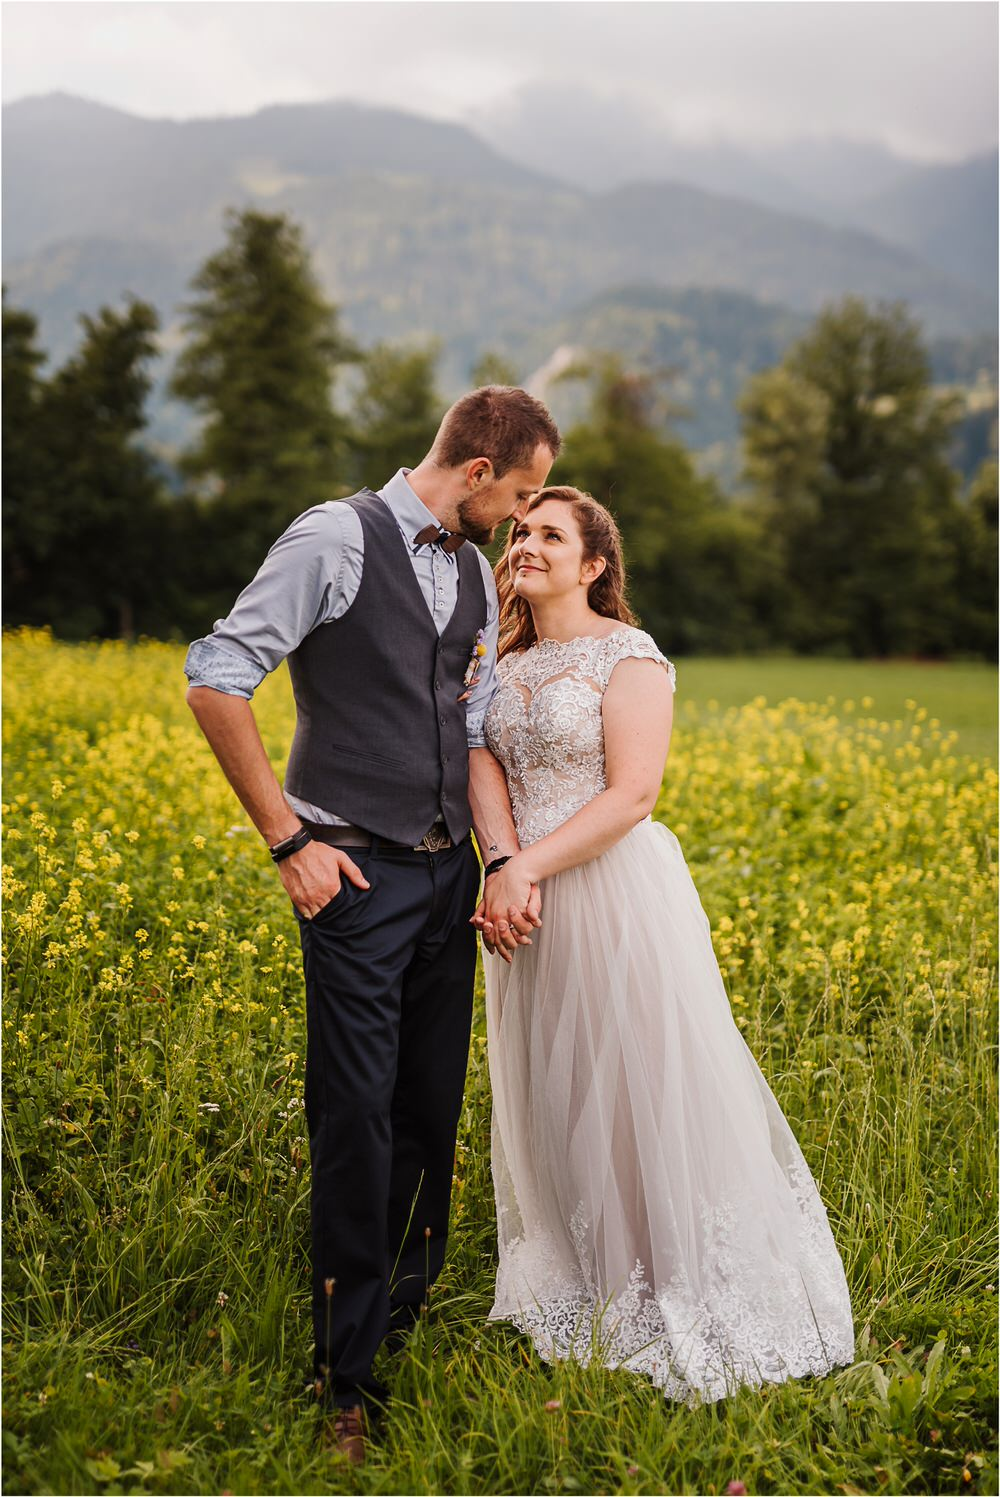 goriska brda poroka fotgorafija fotograf fotografiranje porocno kras primorska obala romanticna boho poroka rustikalna nika grega 0073.jpg